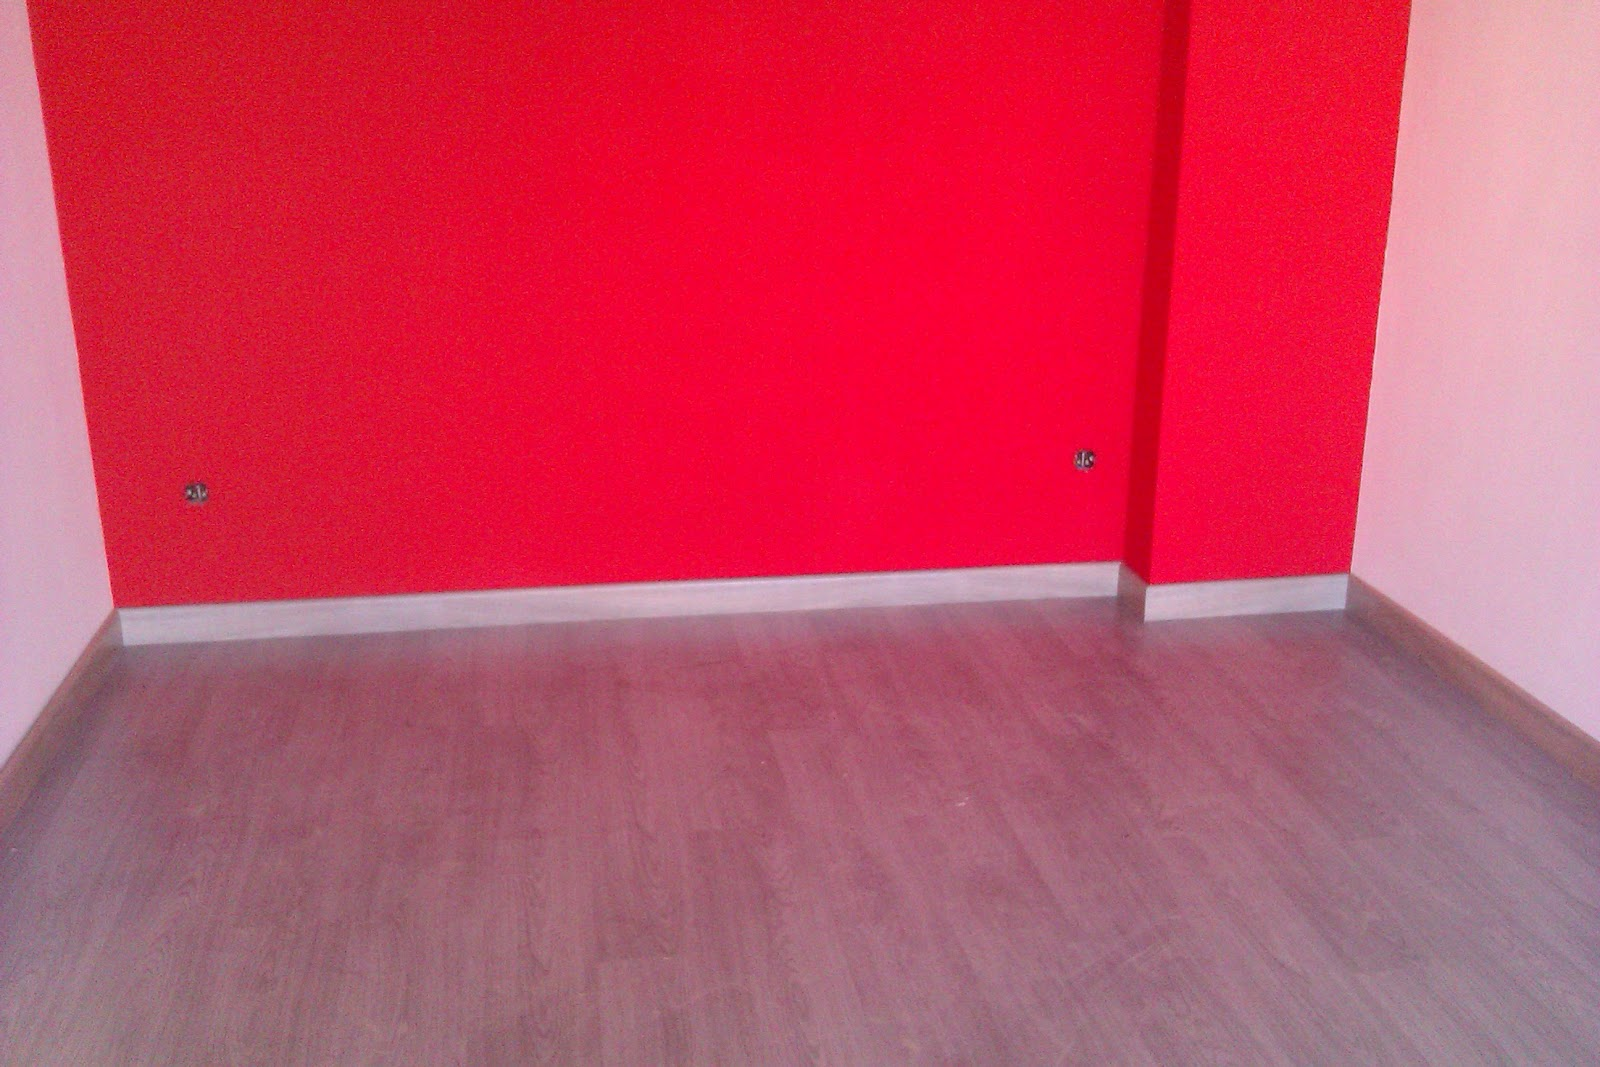 Pinturas y decoraciones ruben obra 4 pintura interior y - Pintura antihumedad interior ...